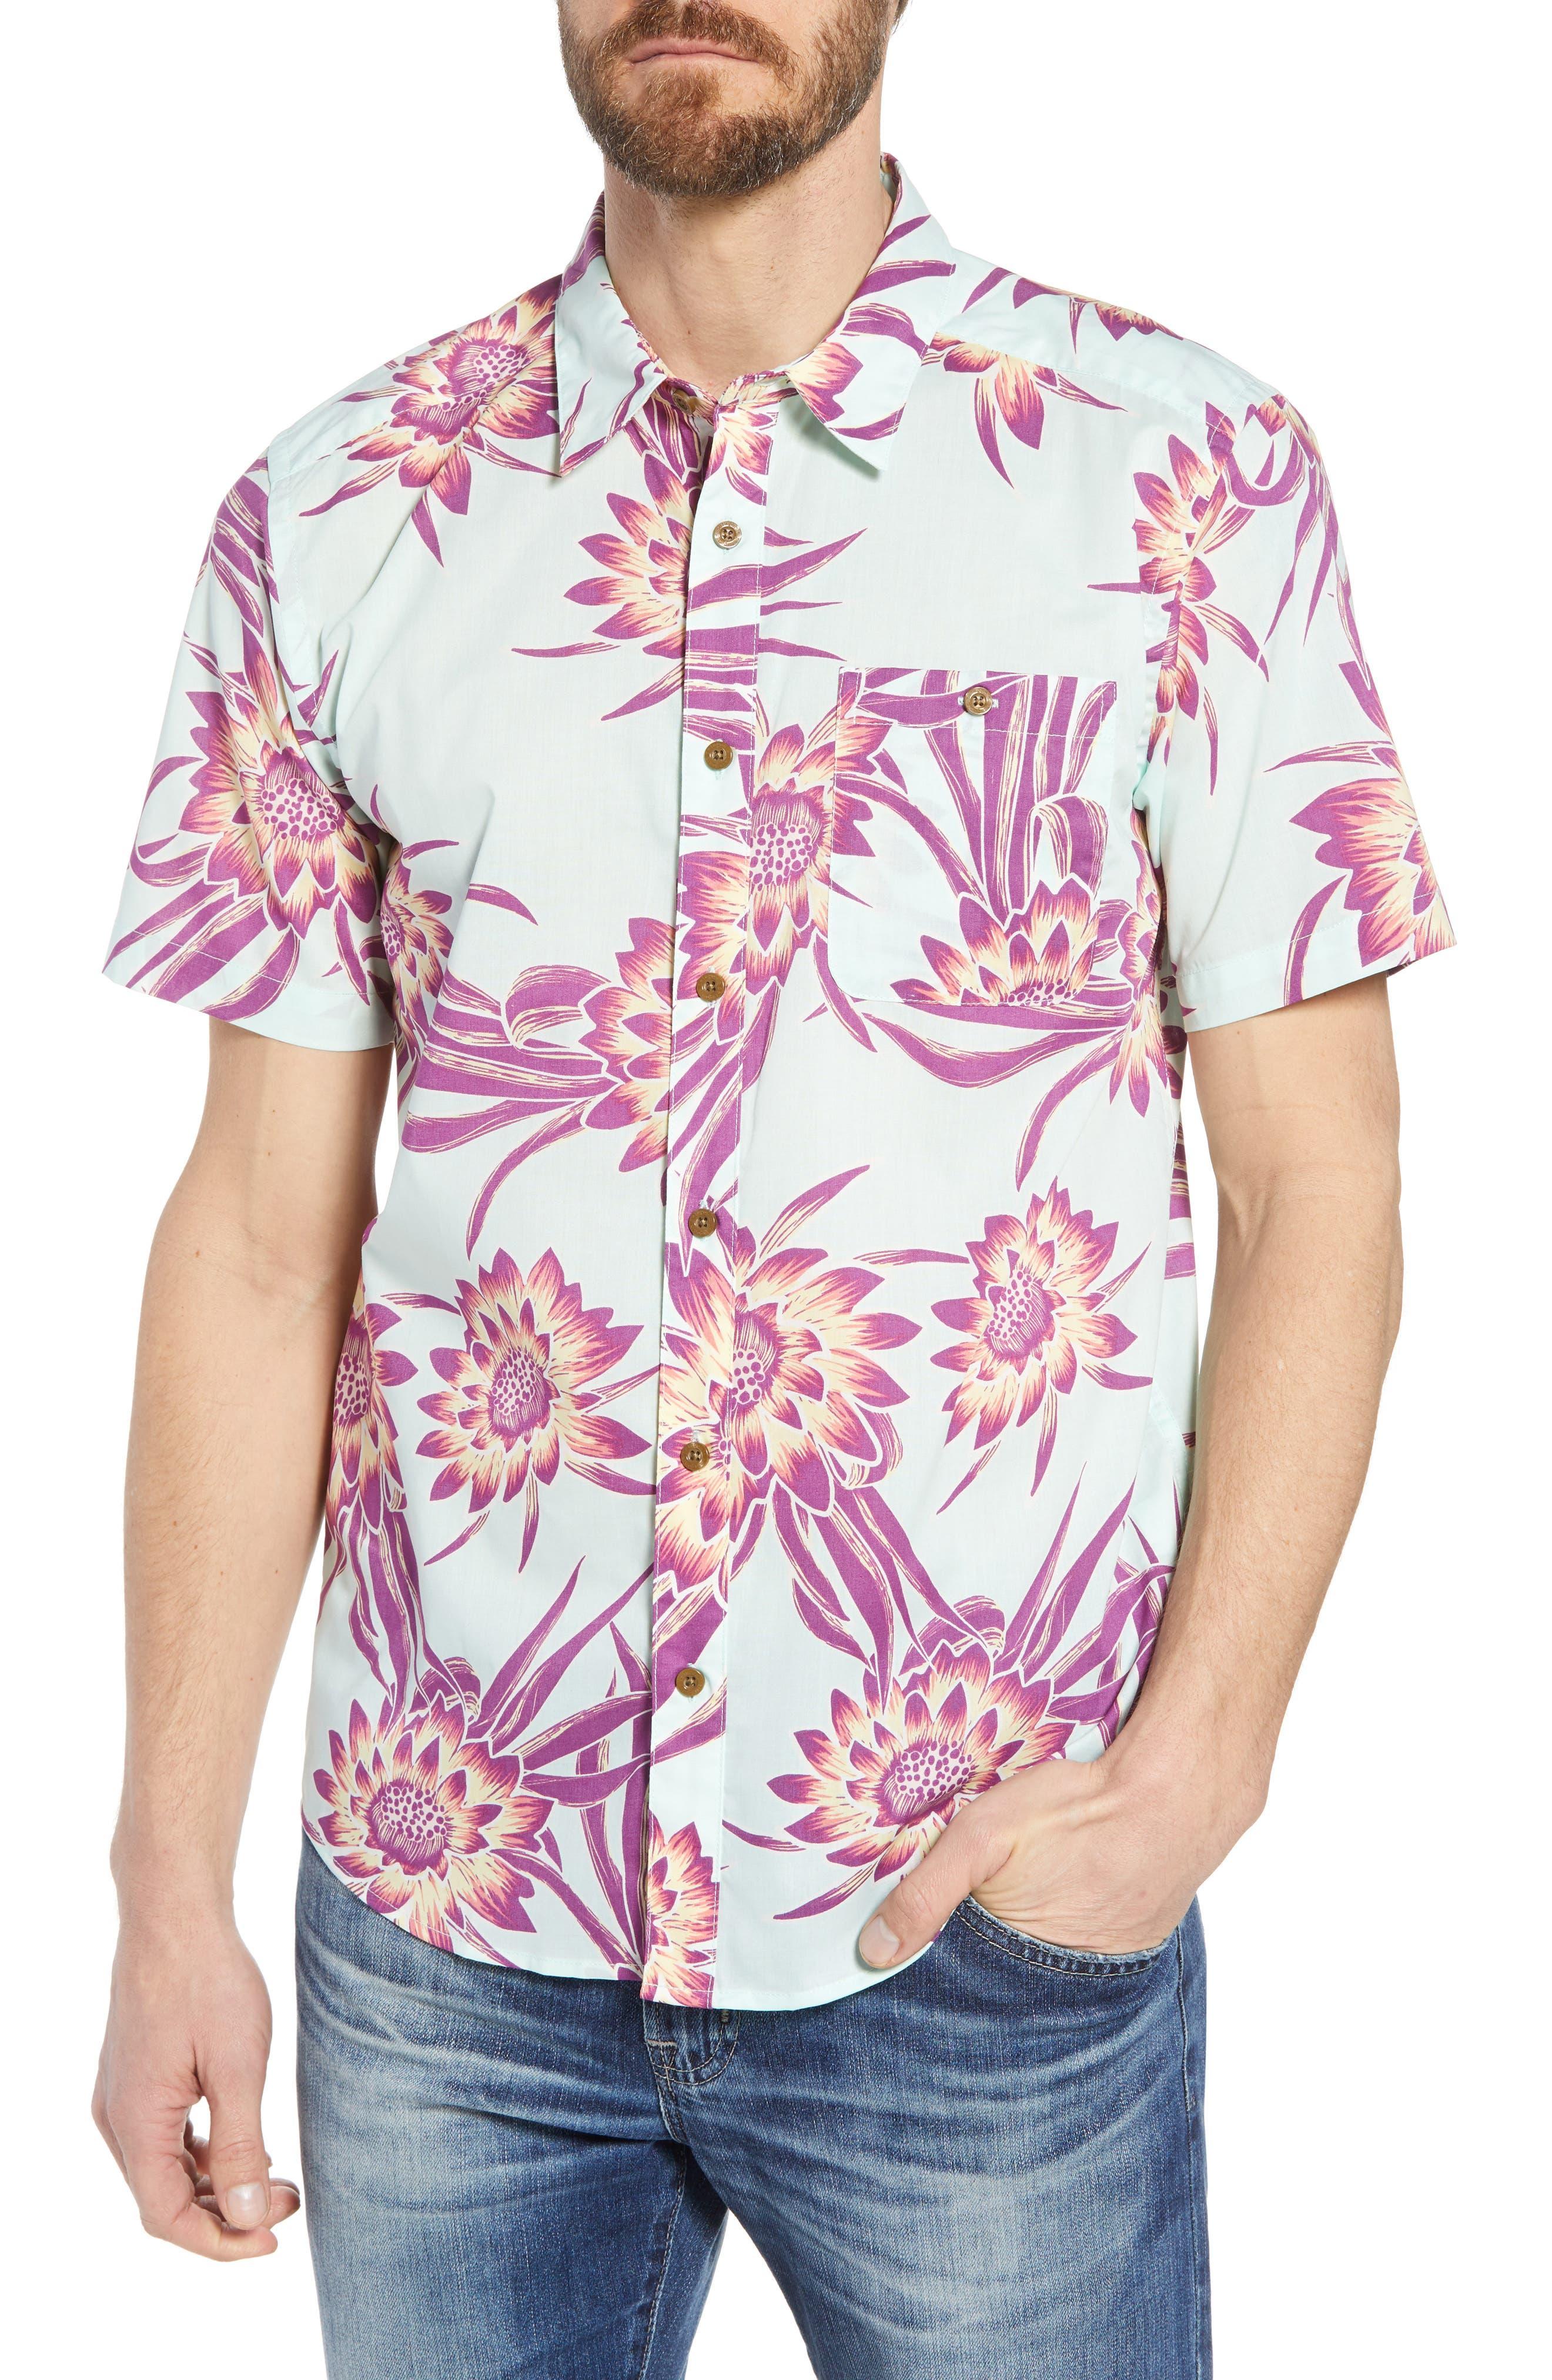 'Go To' Slim Fit Short Sleeve Sport Shirt,                             Main thumbnail 1, color,                             Cereus Flower/ Lite Bend Blue